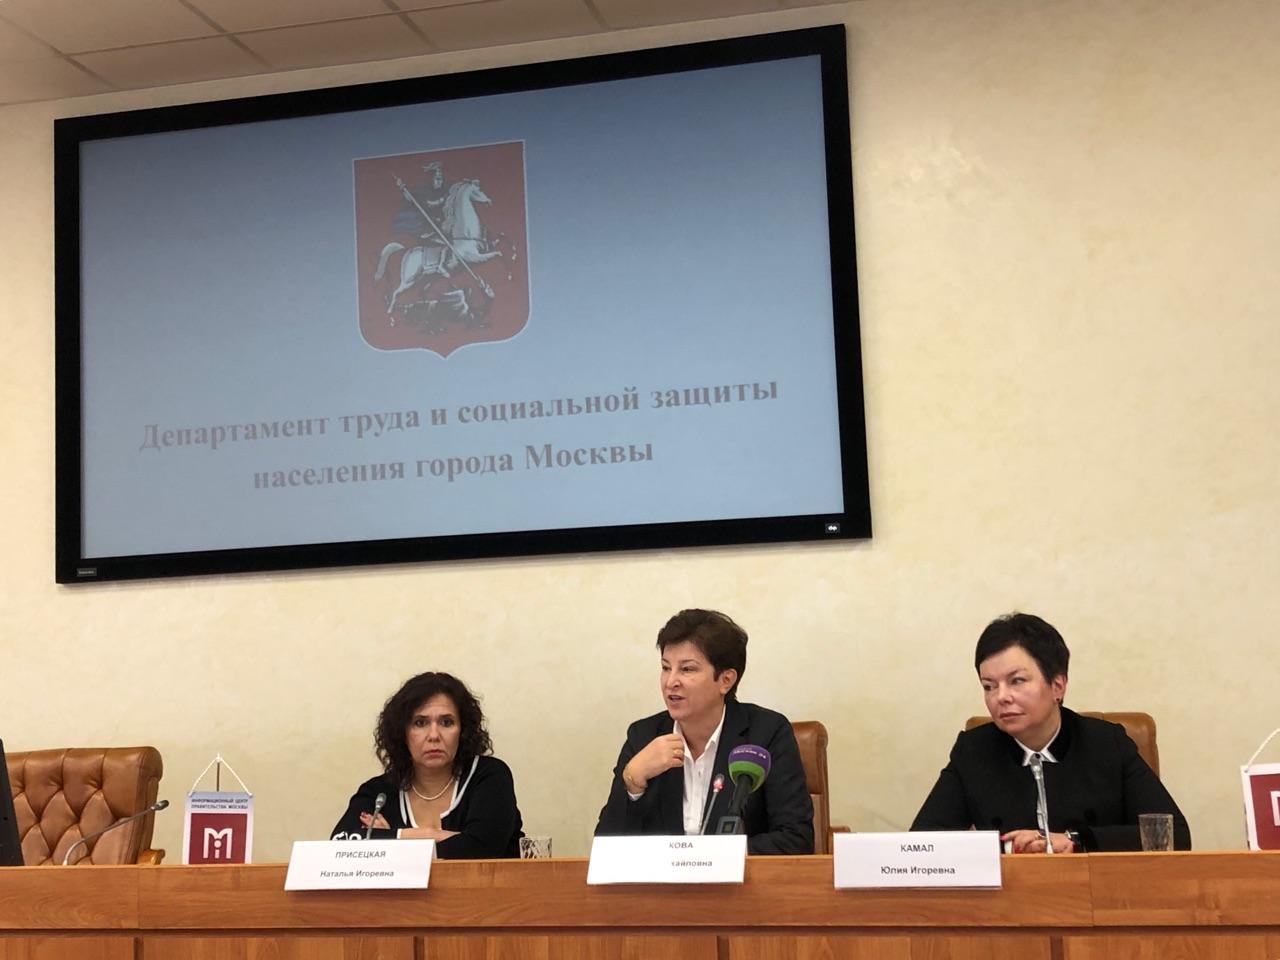 Необходимость поддержки людей с ограниченными возможностями здоровья обсудили в Москве